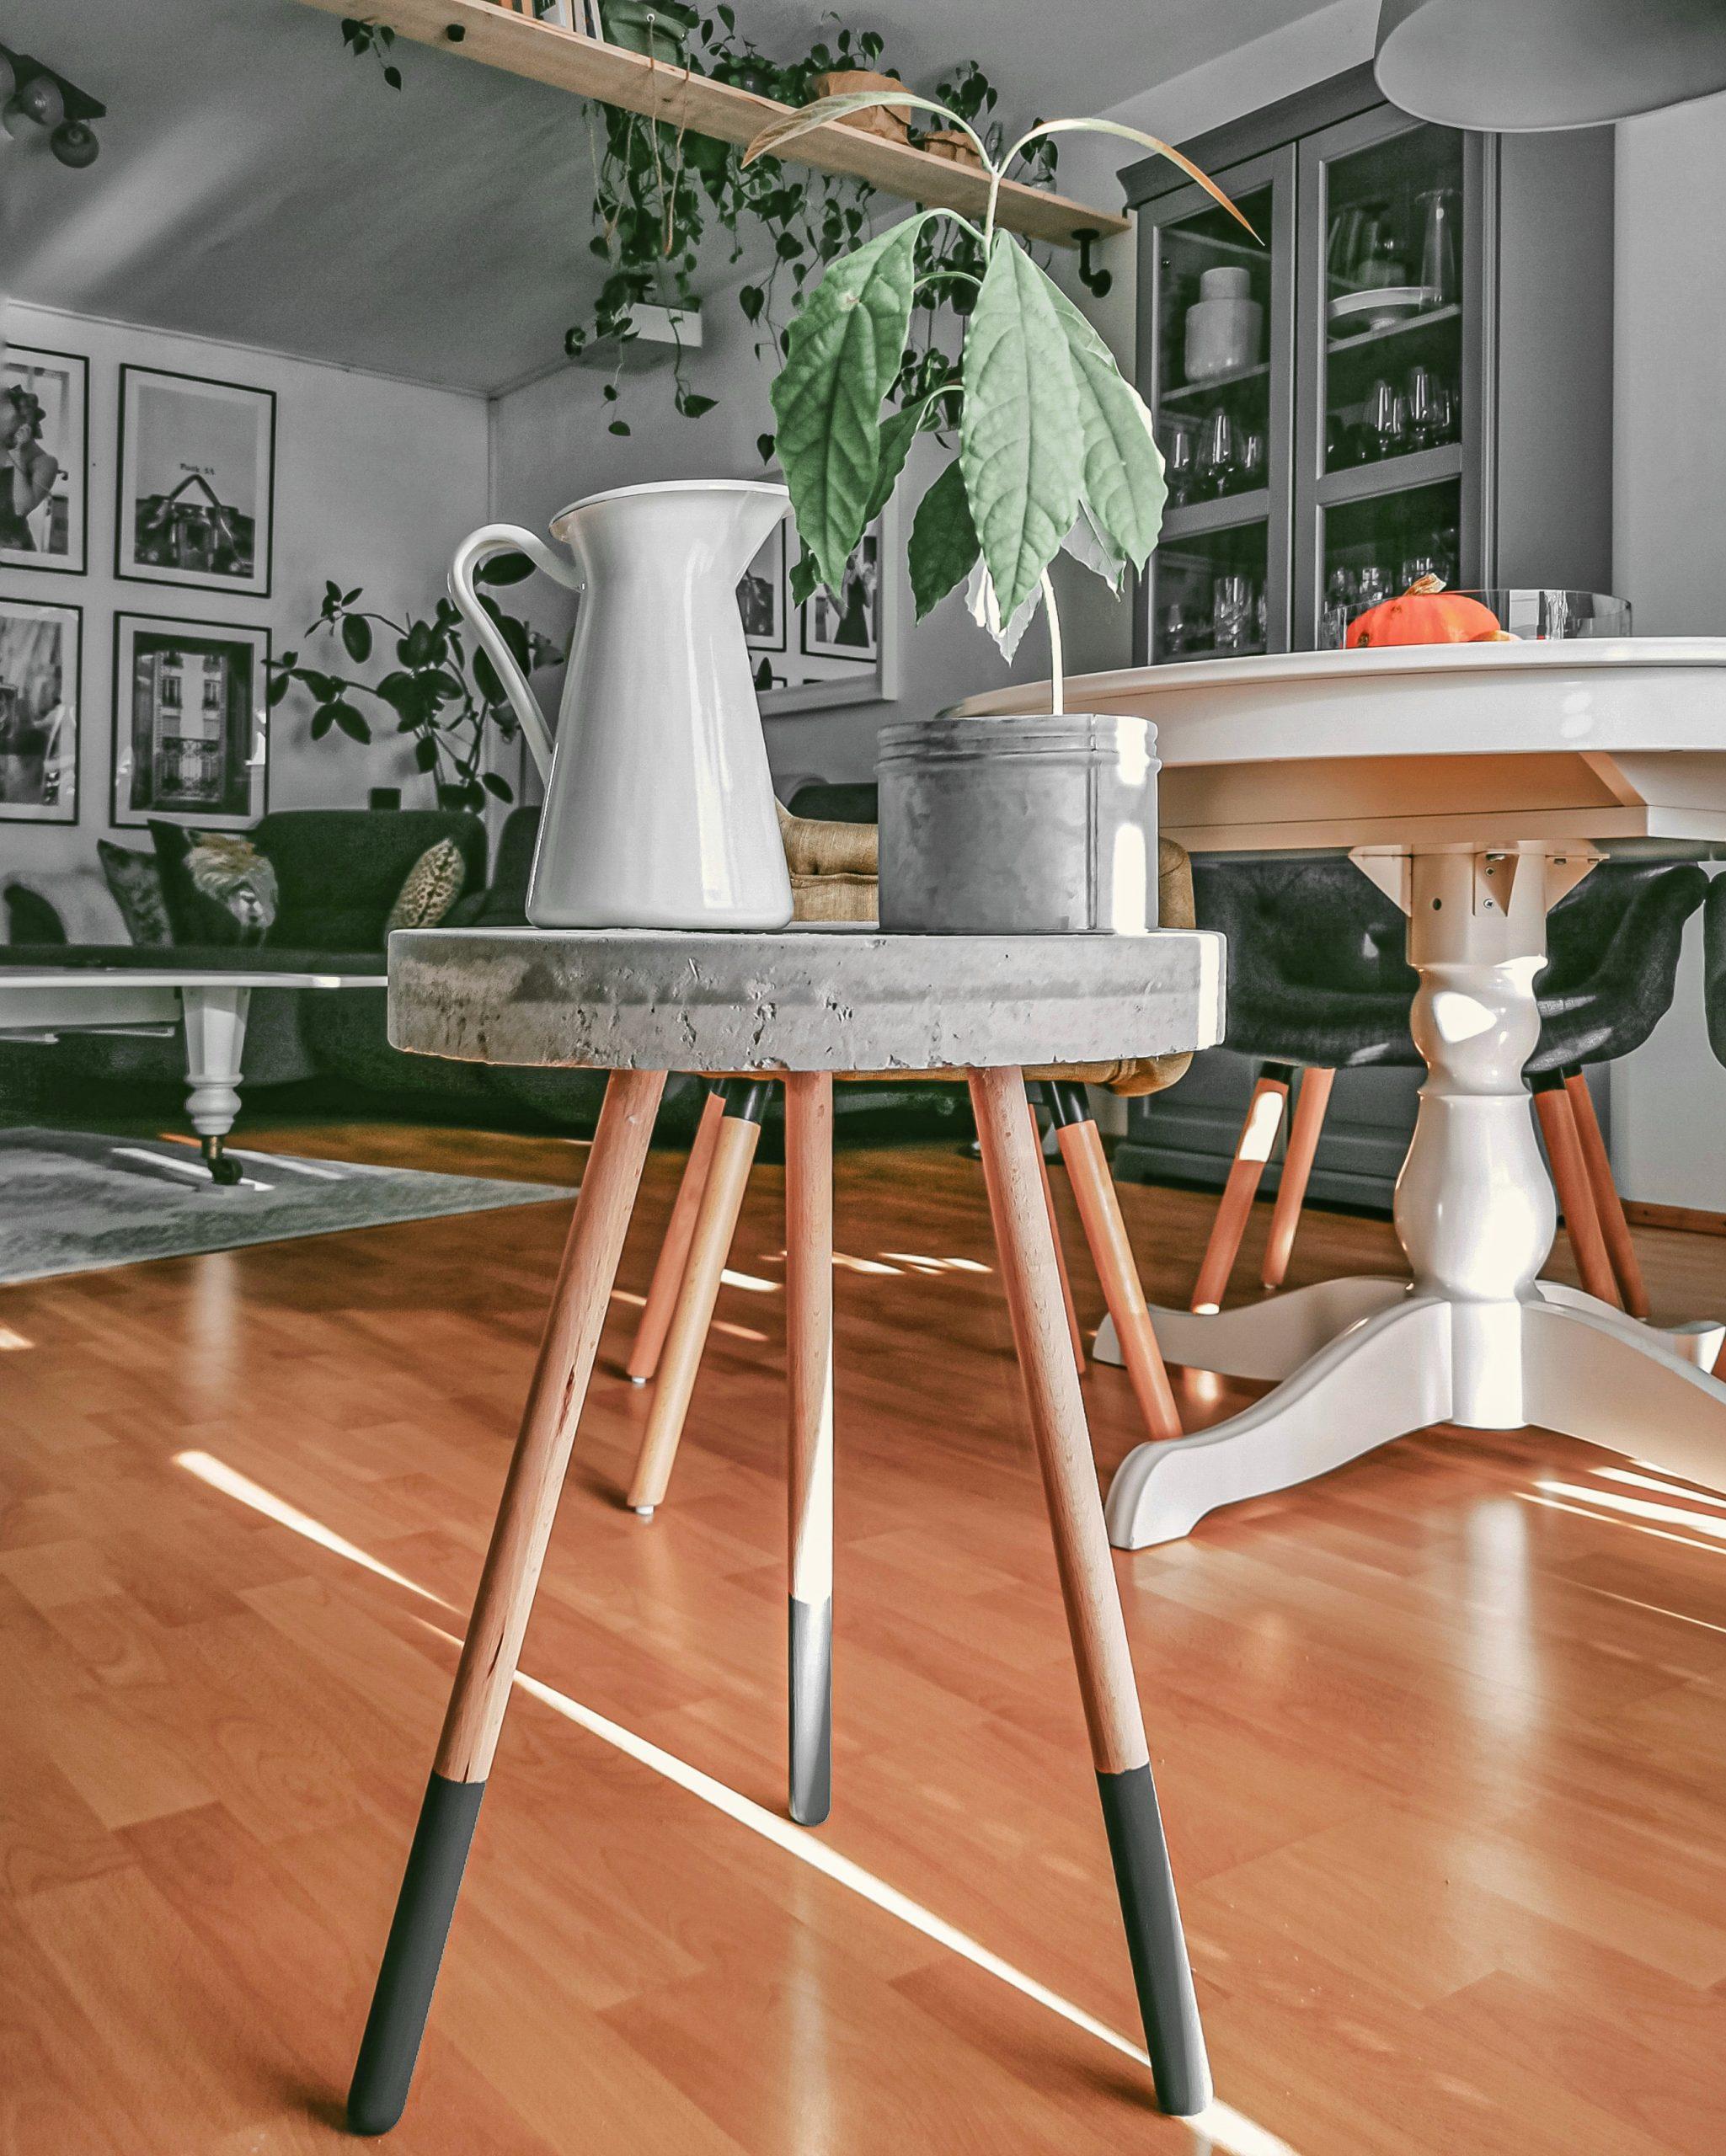 IMG 20201122 125537 01 1 scaled - DIY projekt: Ako si vyrobiť RAW stolík z betónu